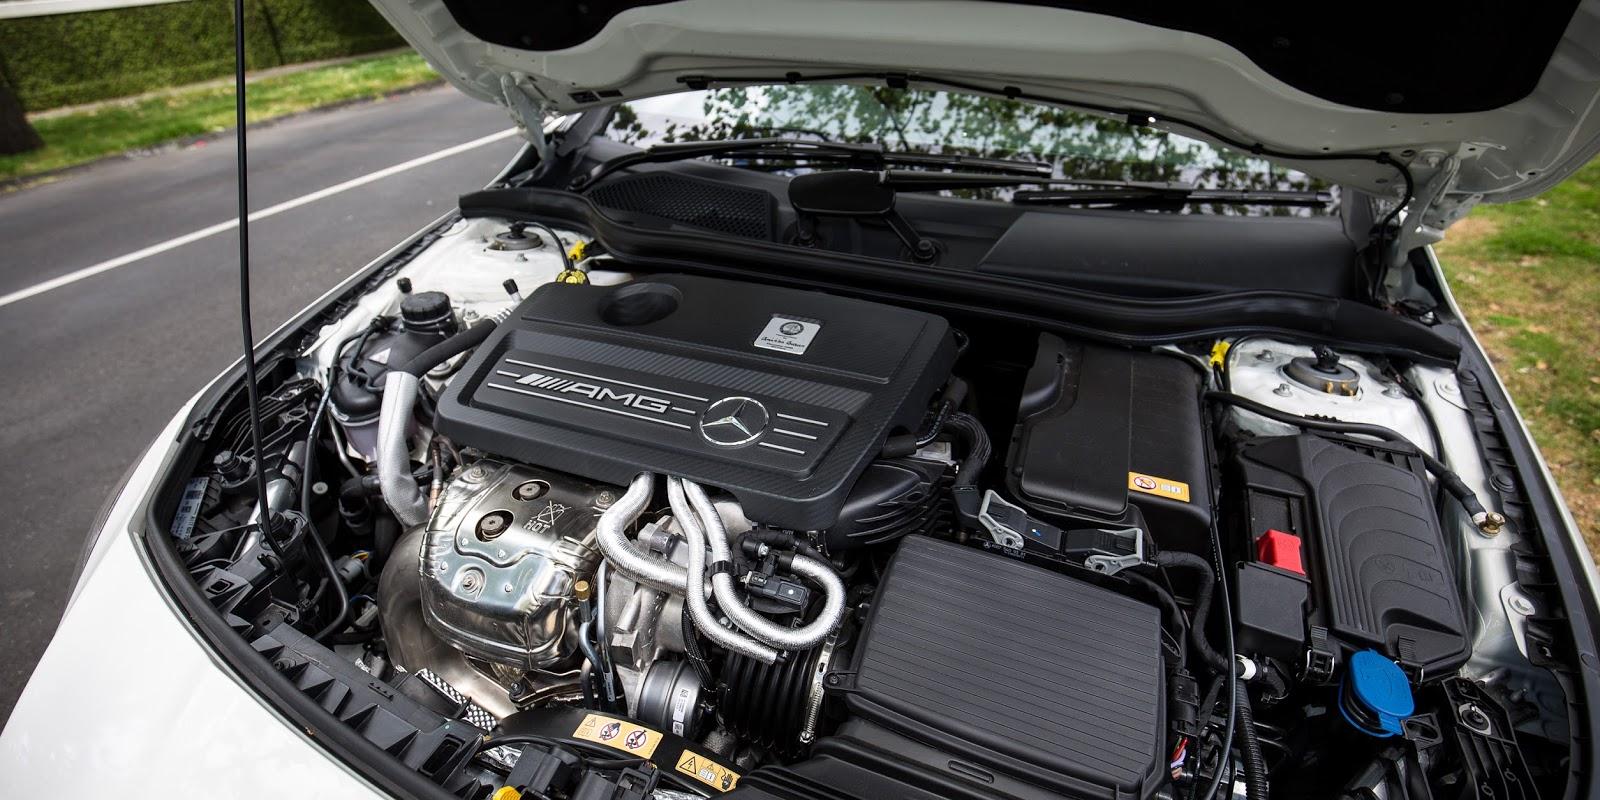 Xe sở hữu khối động cơ mạnh mẽ nhất trong phân khúc 4 xi lanh